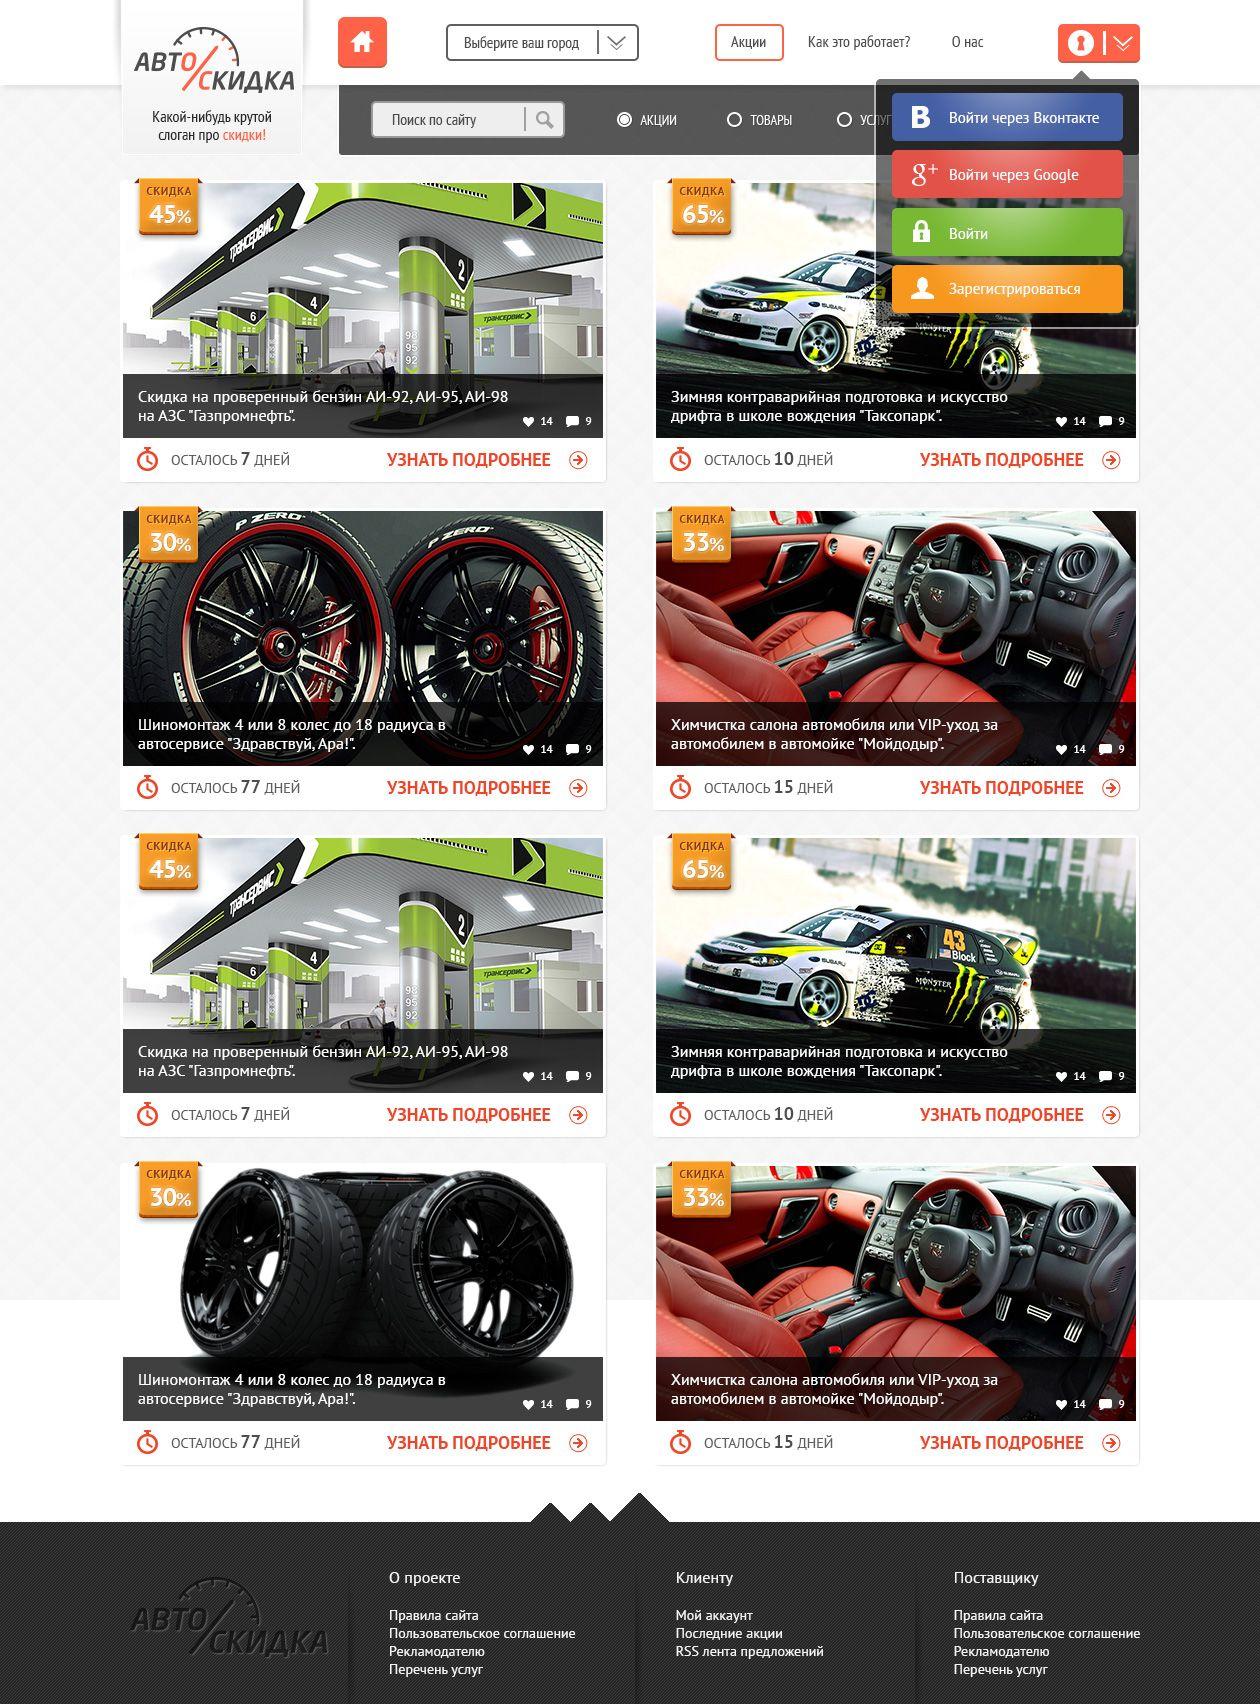 Дизайн сайта со скидками для автовладельцев - дизайнер MisterVitya